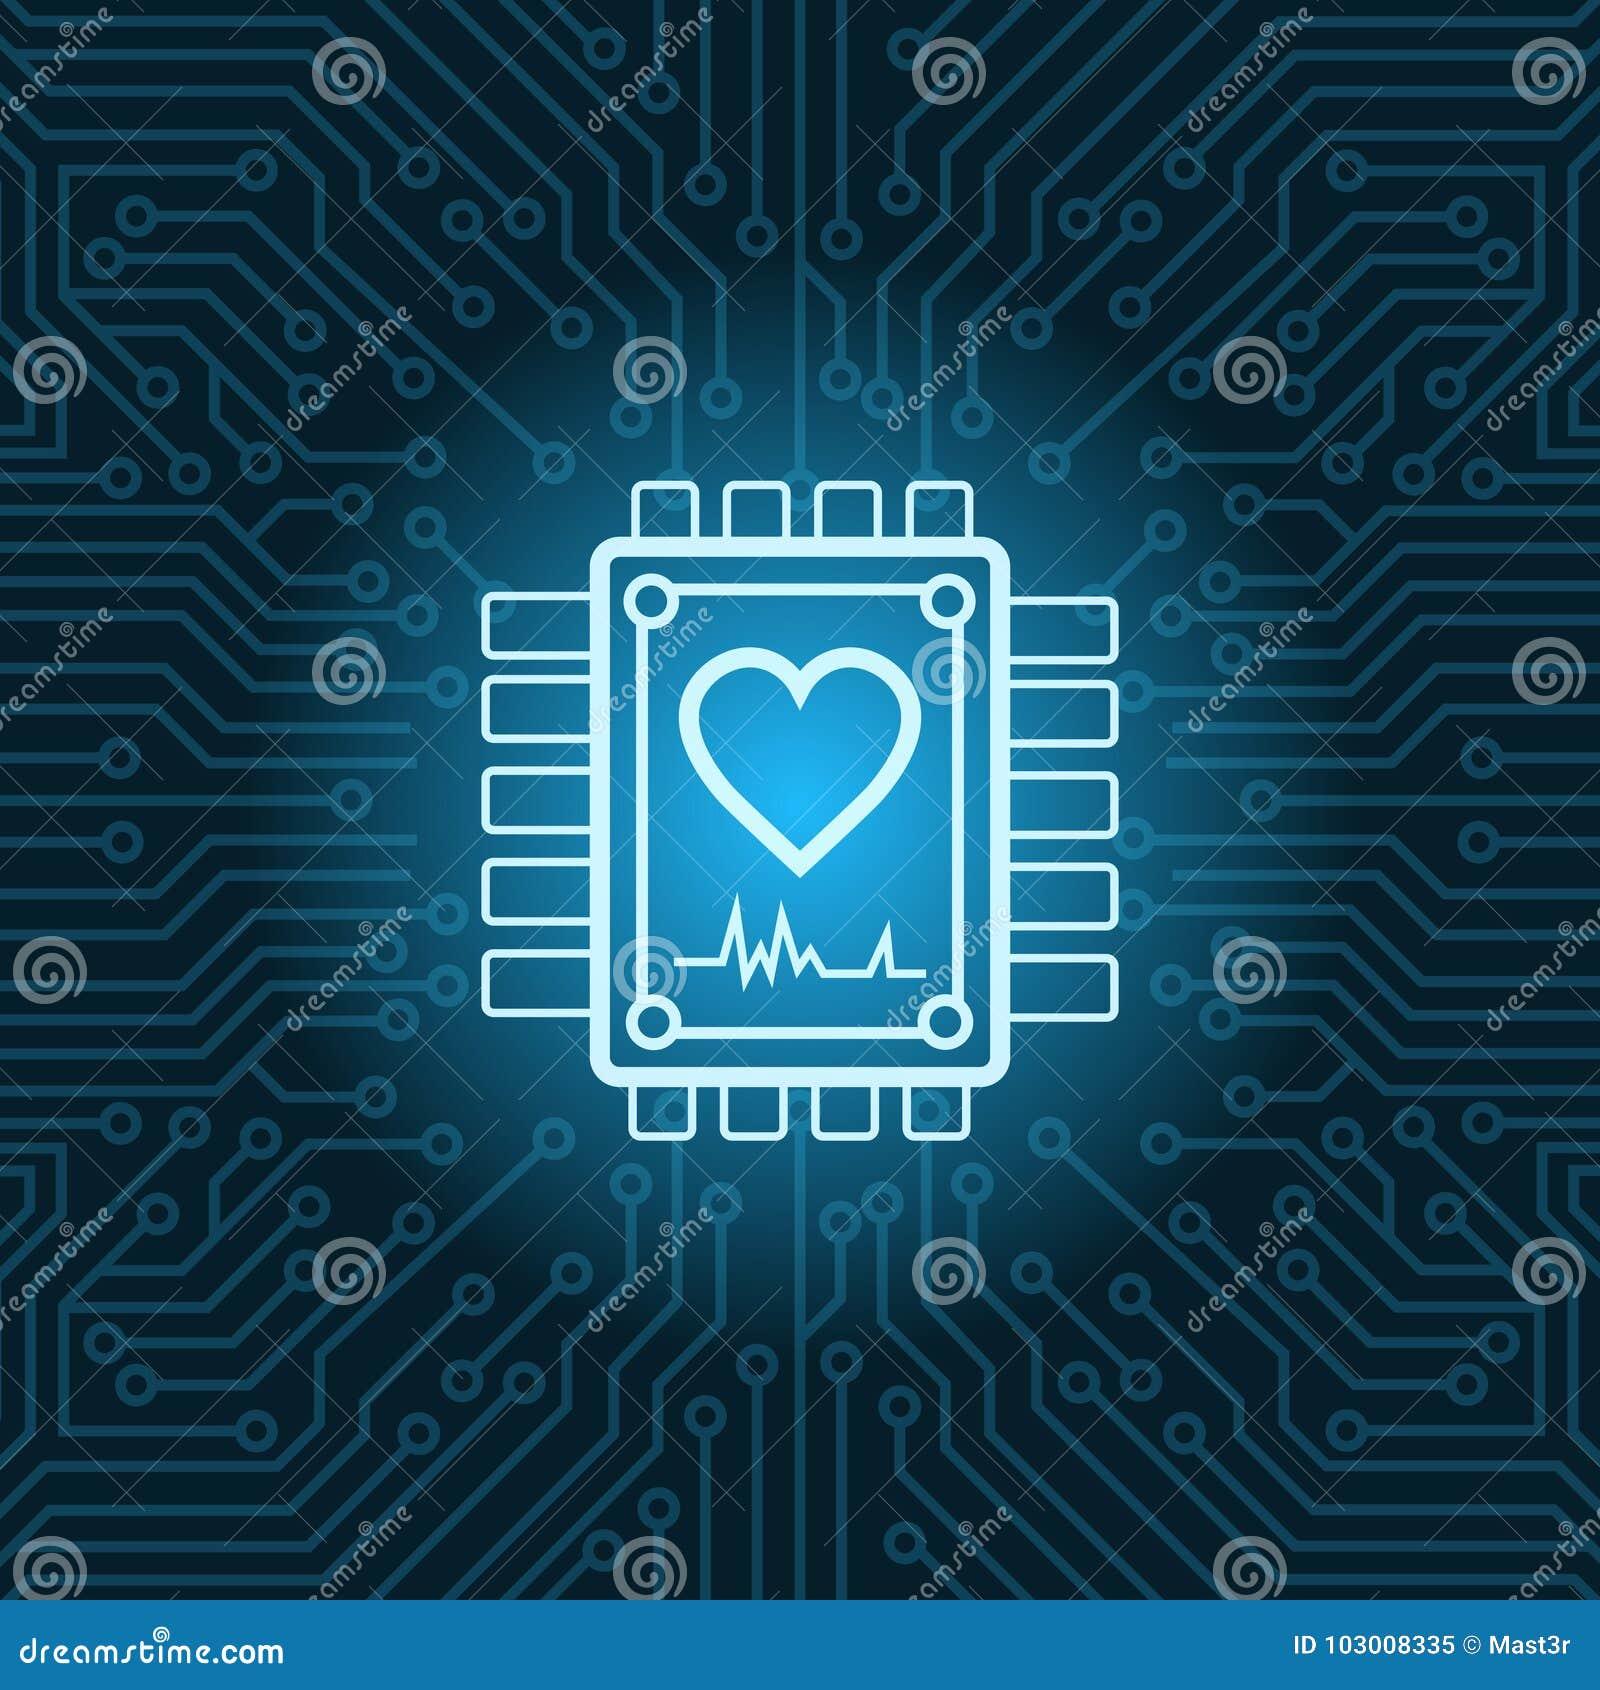 Icono de la forma del corazón en el fondo de Chip Over Blue Circuit Motherboard